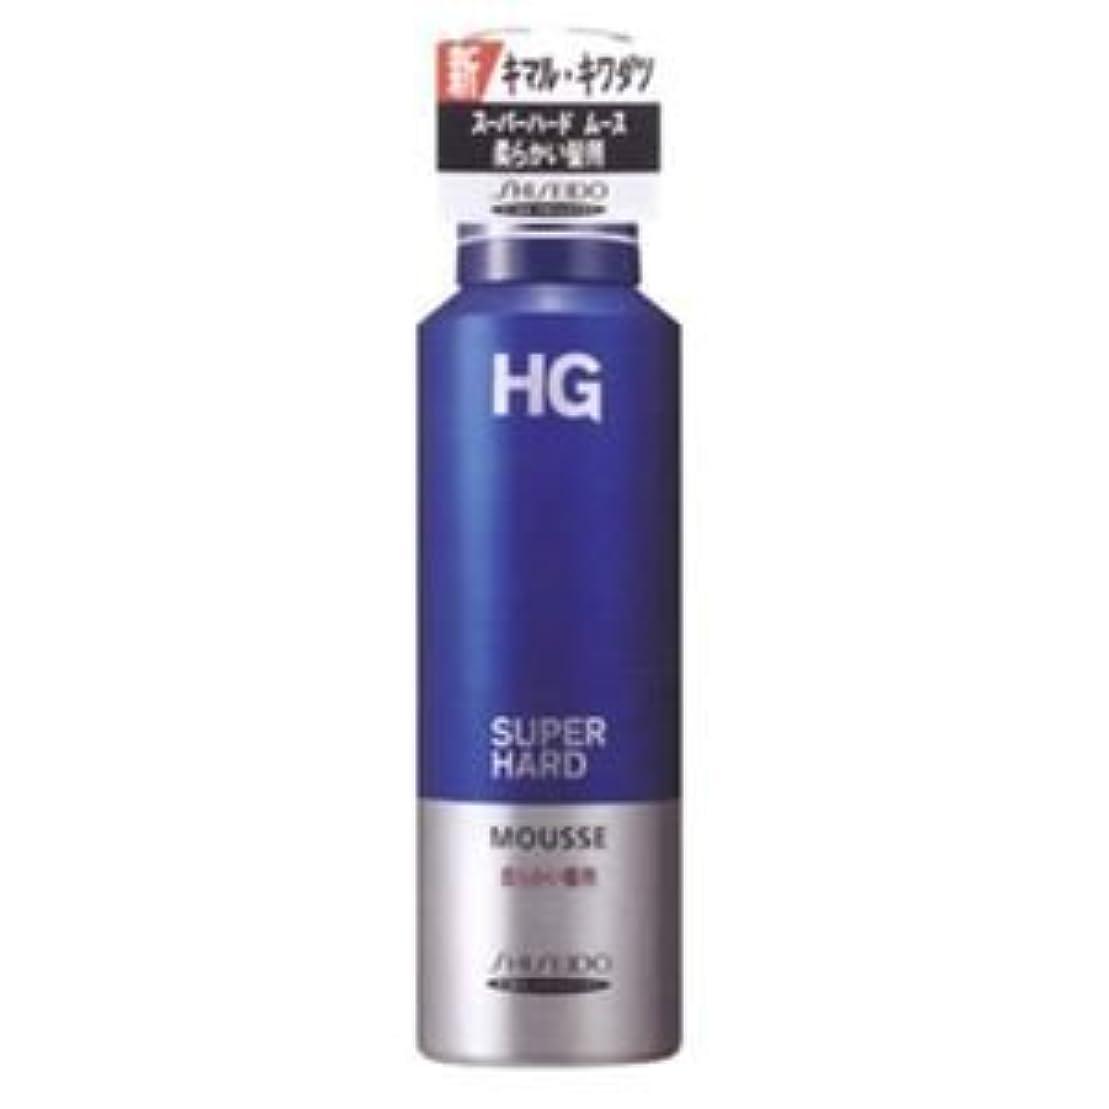 レオナルドダ故障中伝染性HG スーパーハードムース 柔らかい髪用 5セット